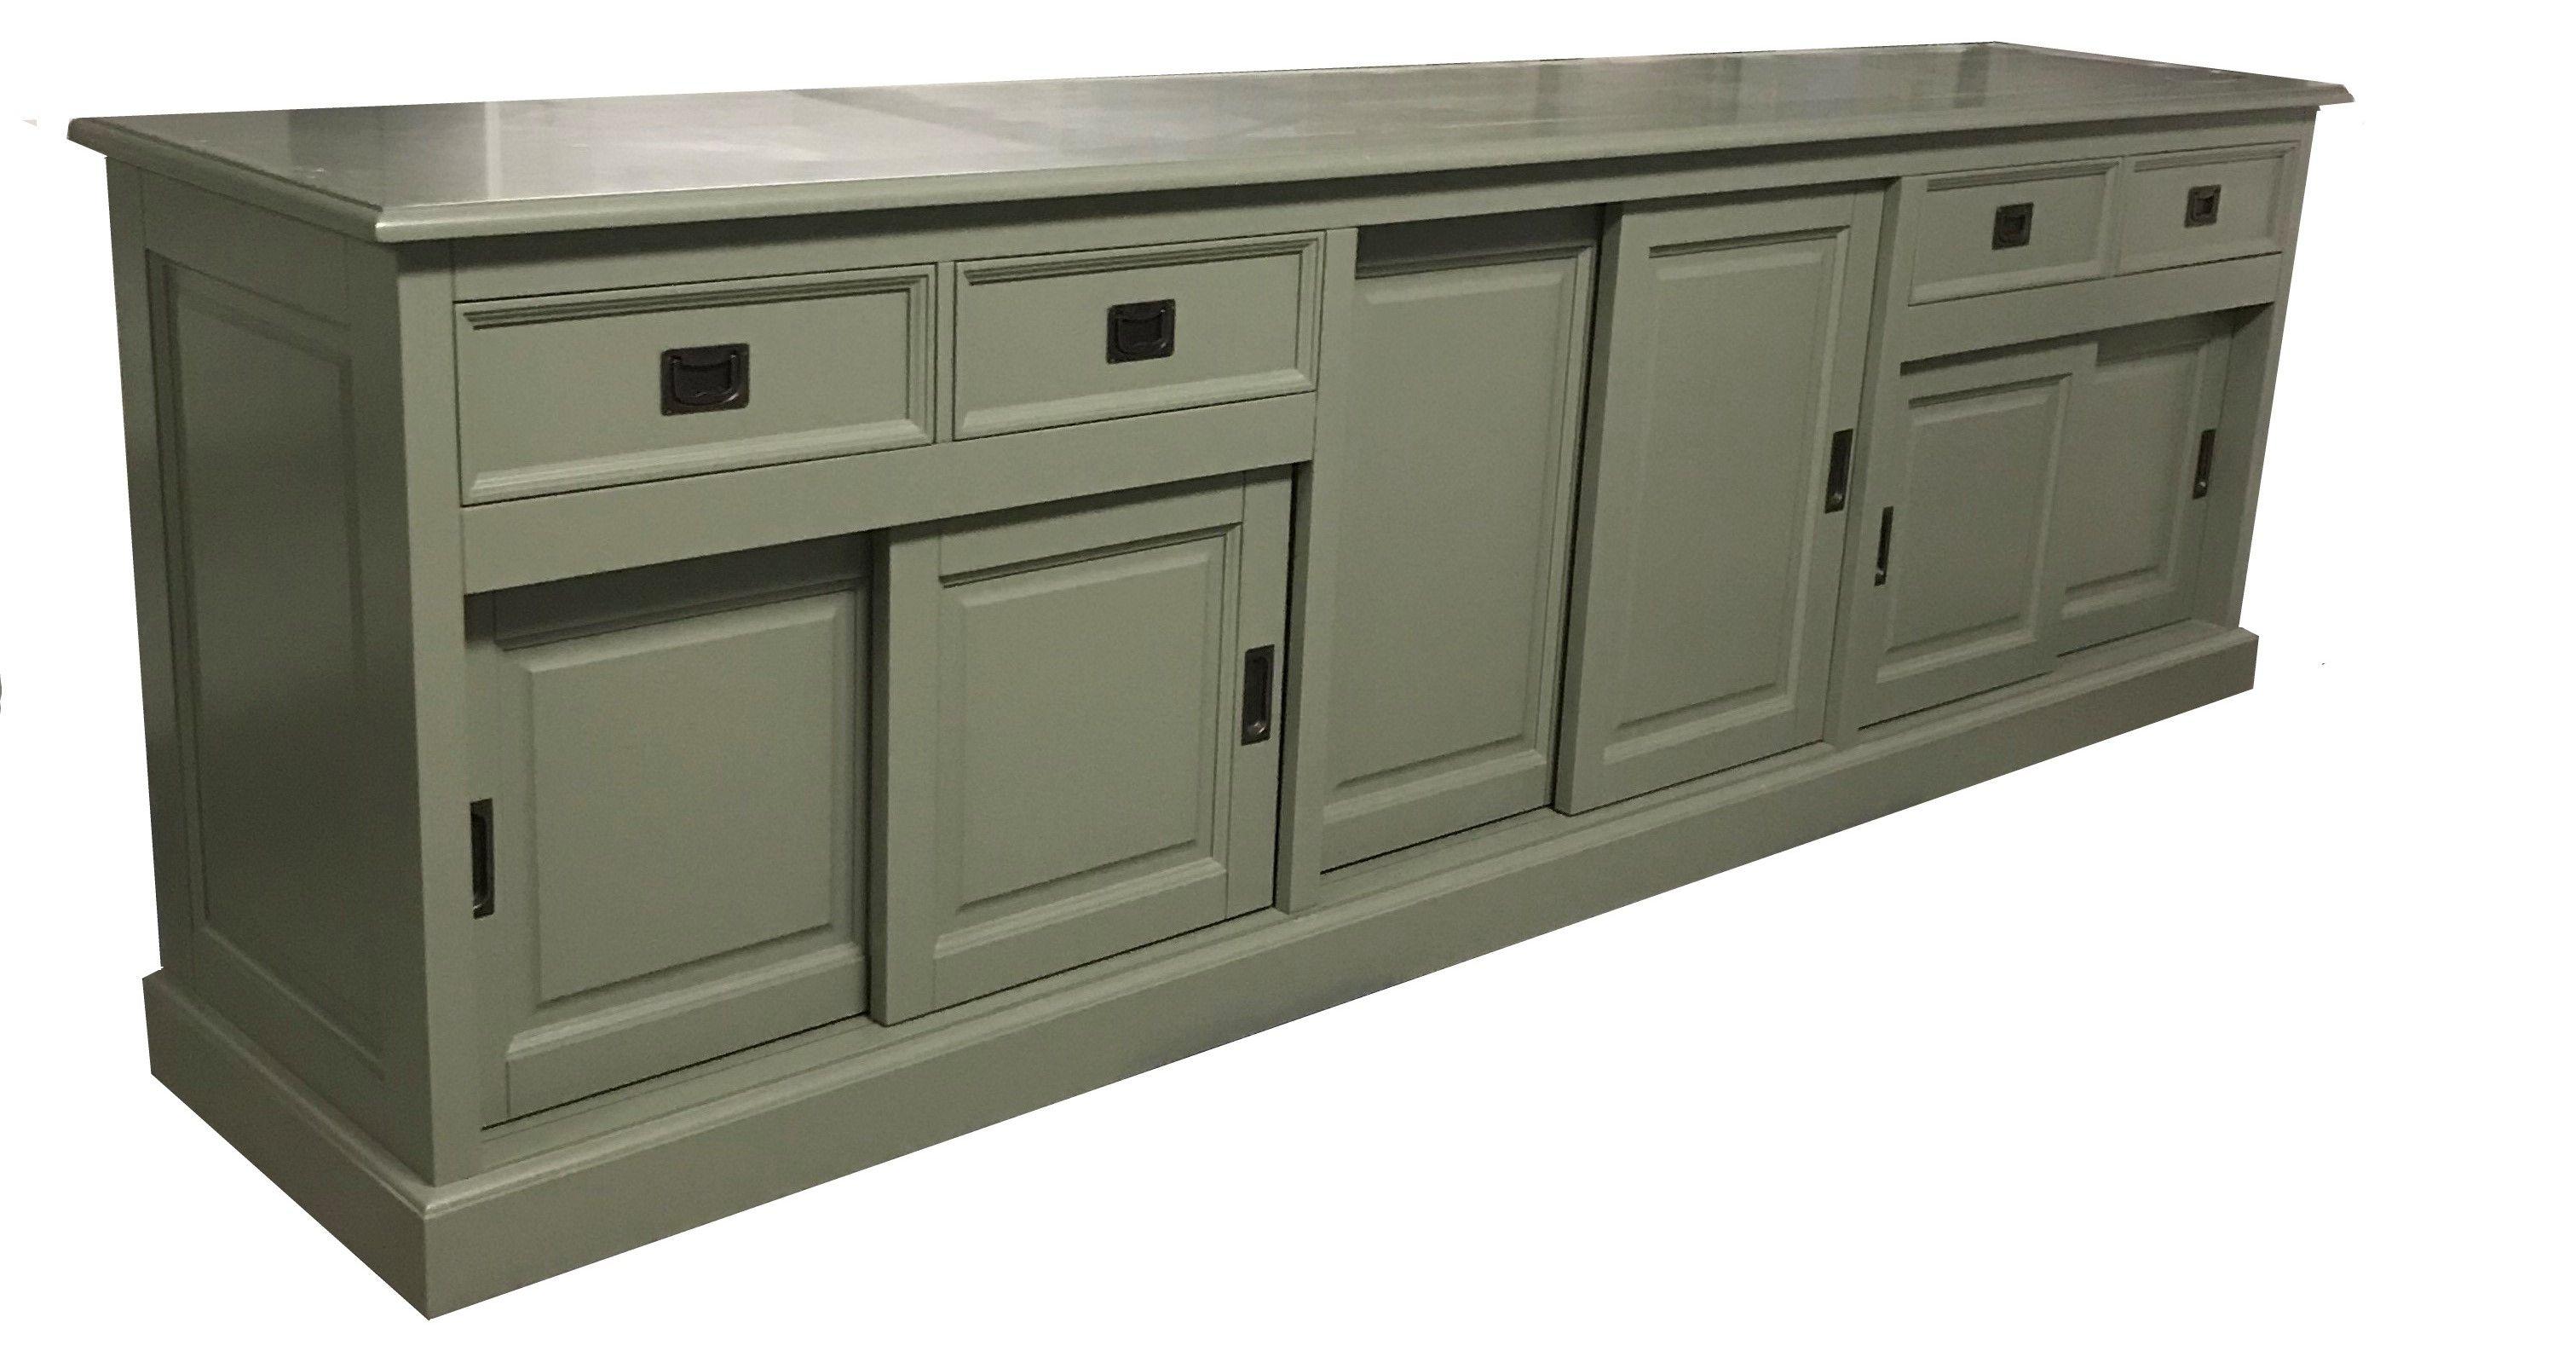 Hedendaags Klassiek groot dressoir in het Engels groen 285cm breed. De luxe MF-42